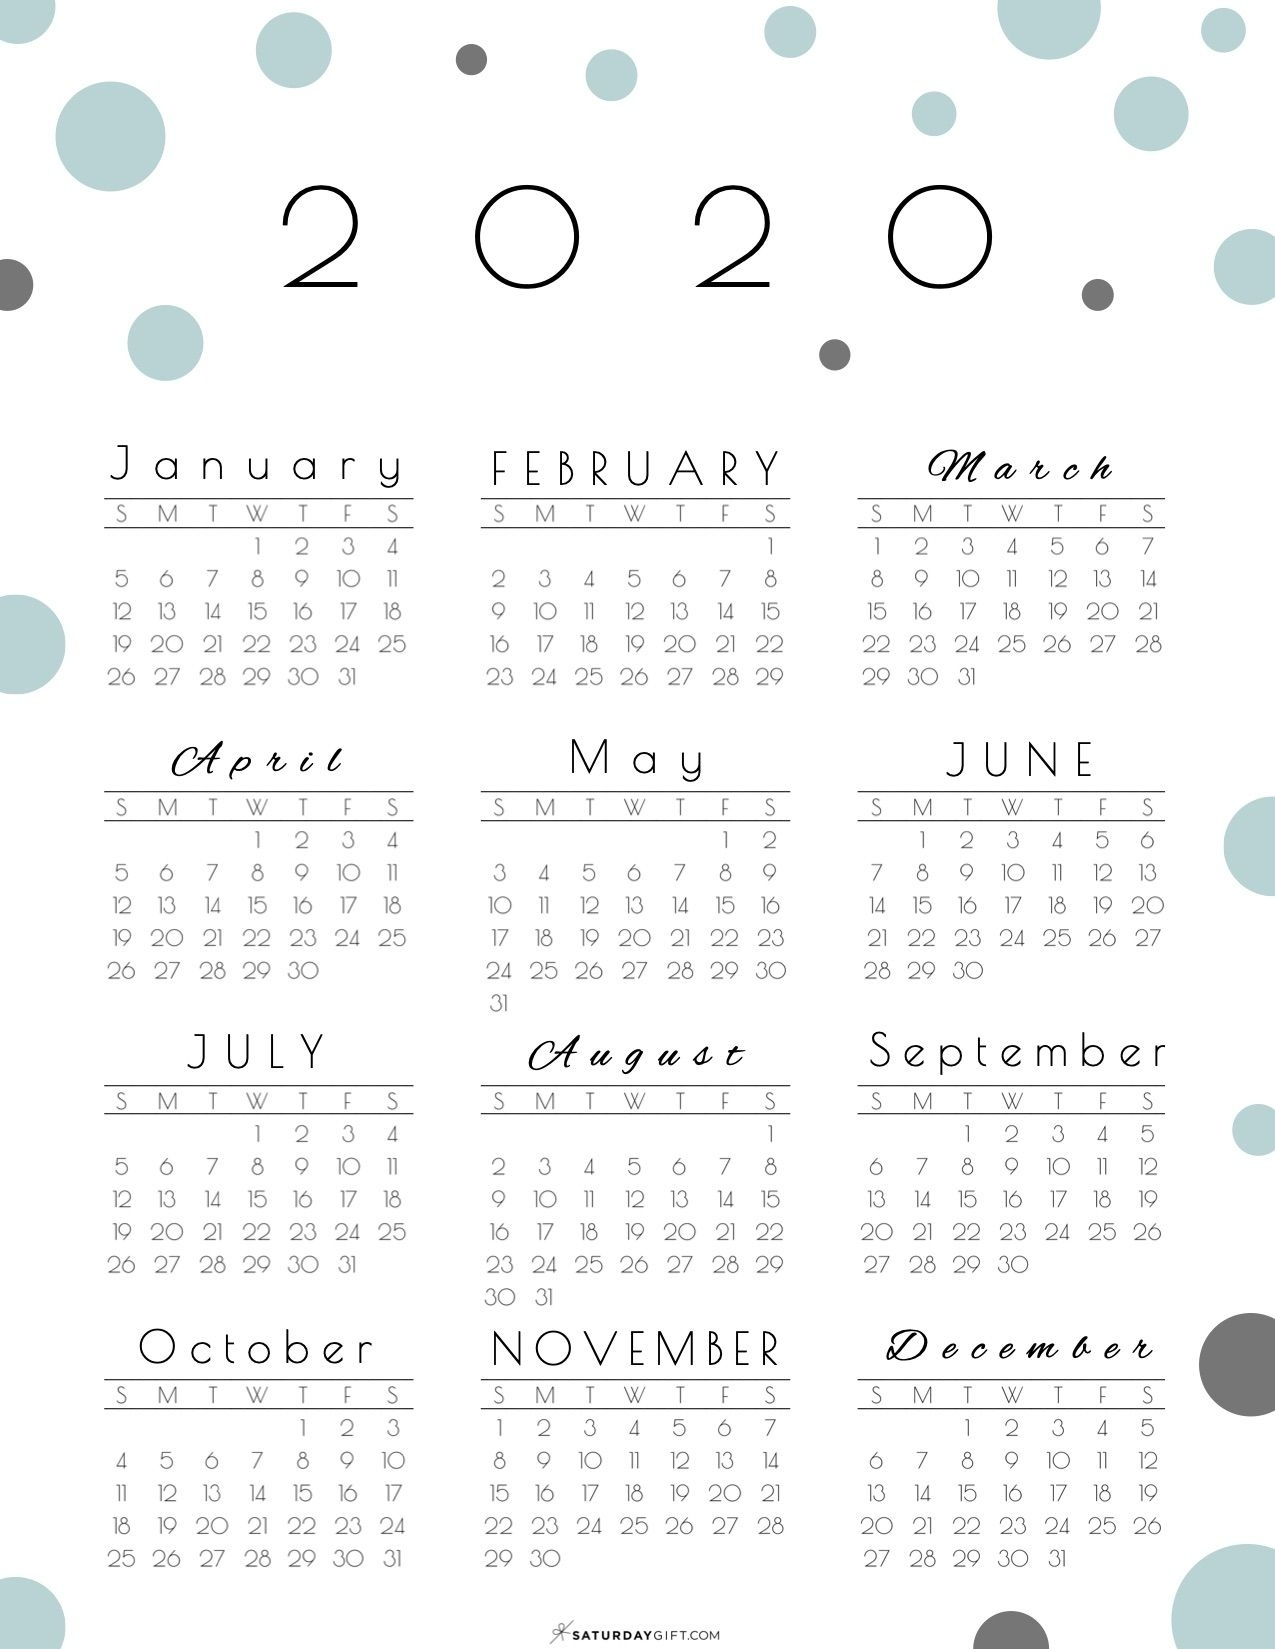 Year At A Glance Calendar 2020 - Pretty (&Free!) Printable Calendar Template Year At A Glance